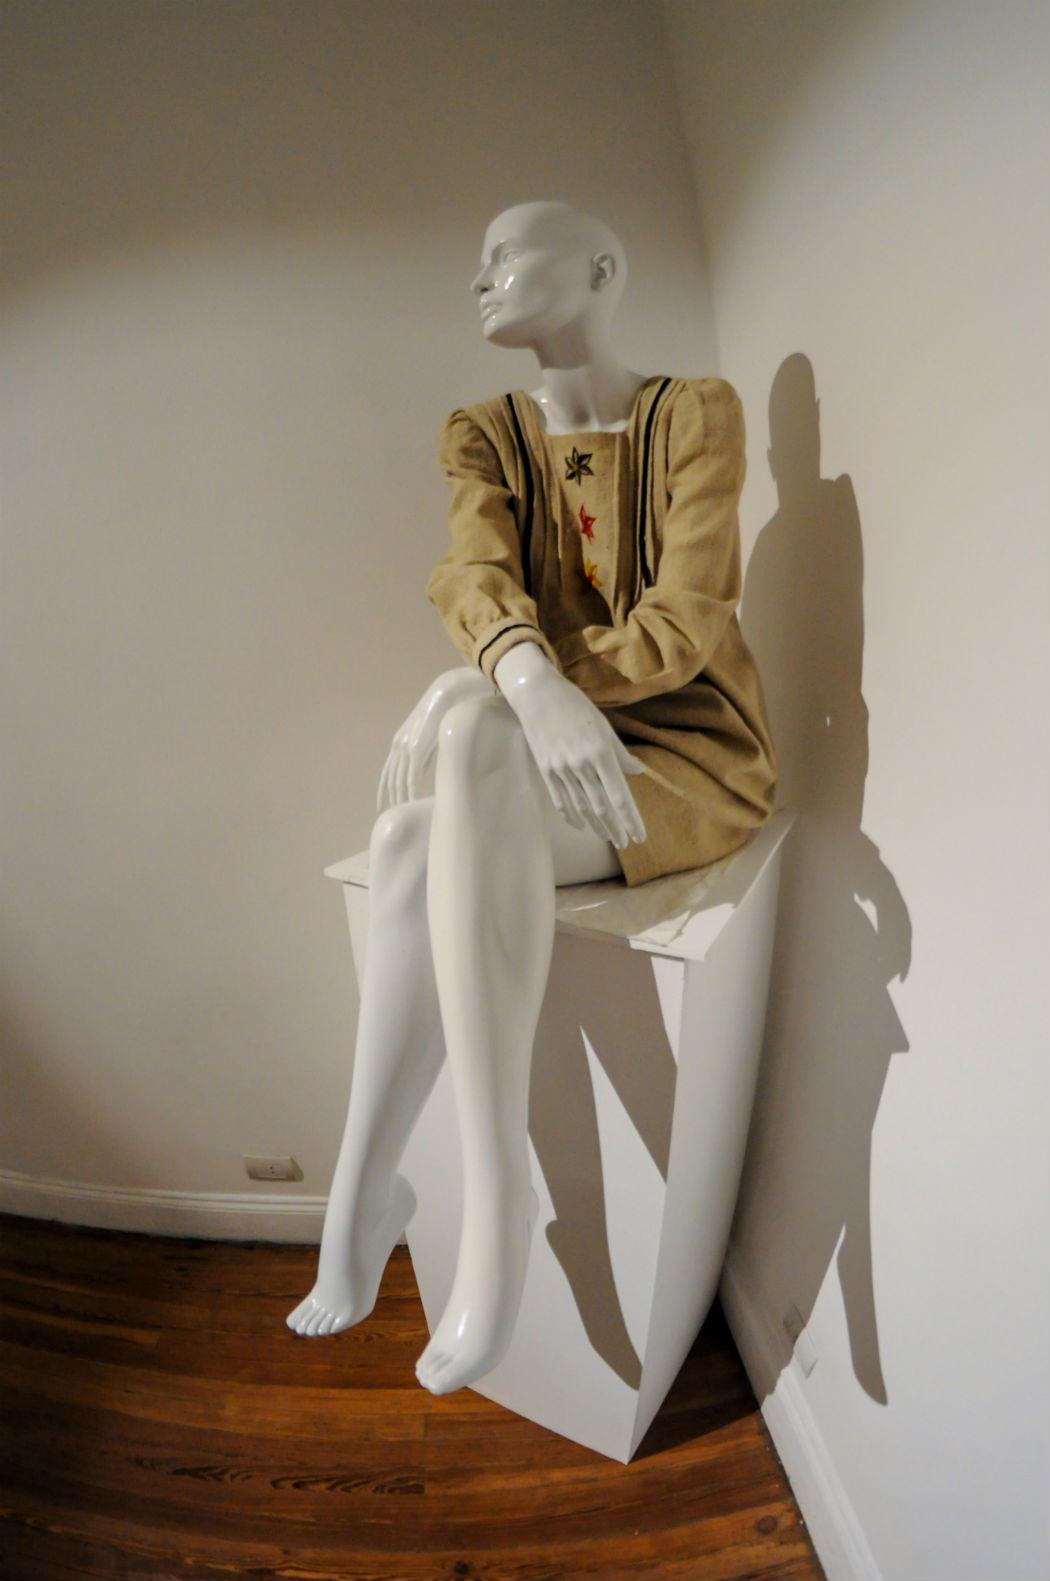 Vestido Mary Tapia en el MNHT - Fotografía: Agustina Gavagnin